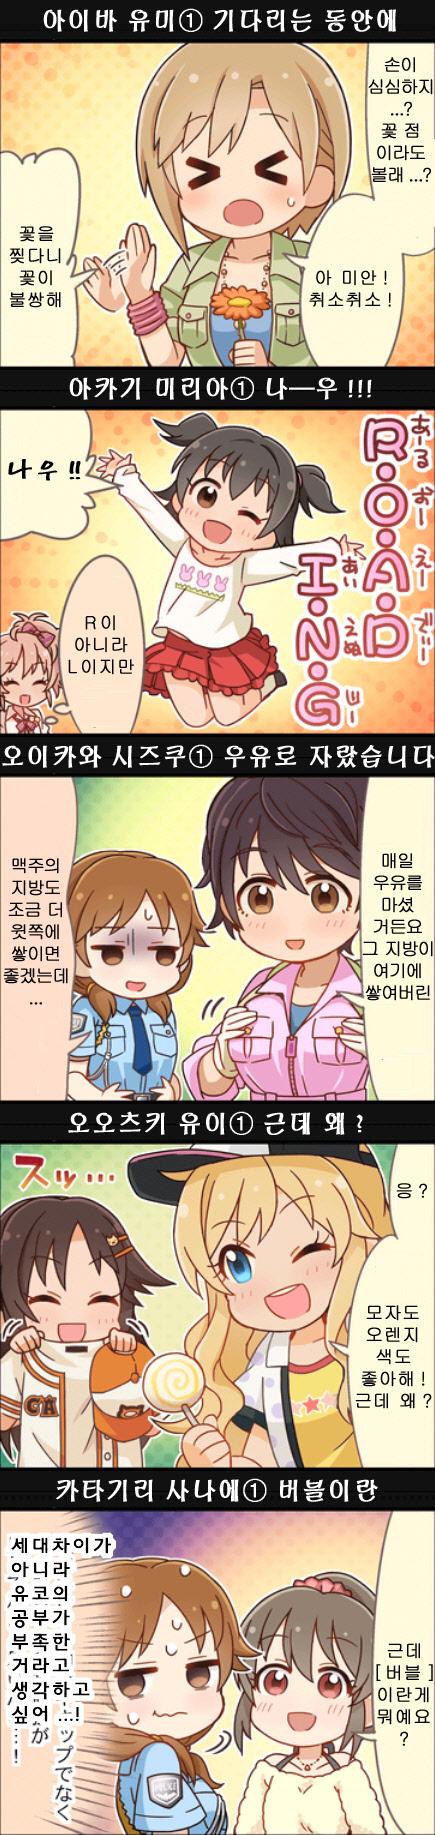 스타라이트 스테이지 1컷 만화 - Passion팀